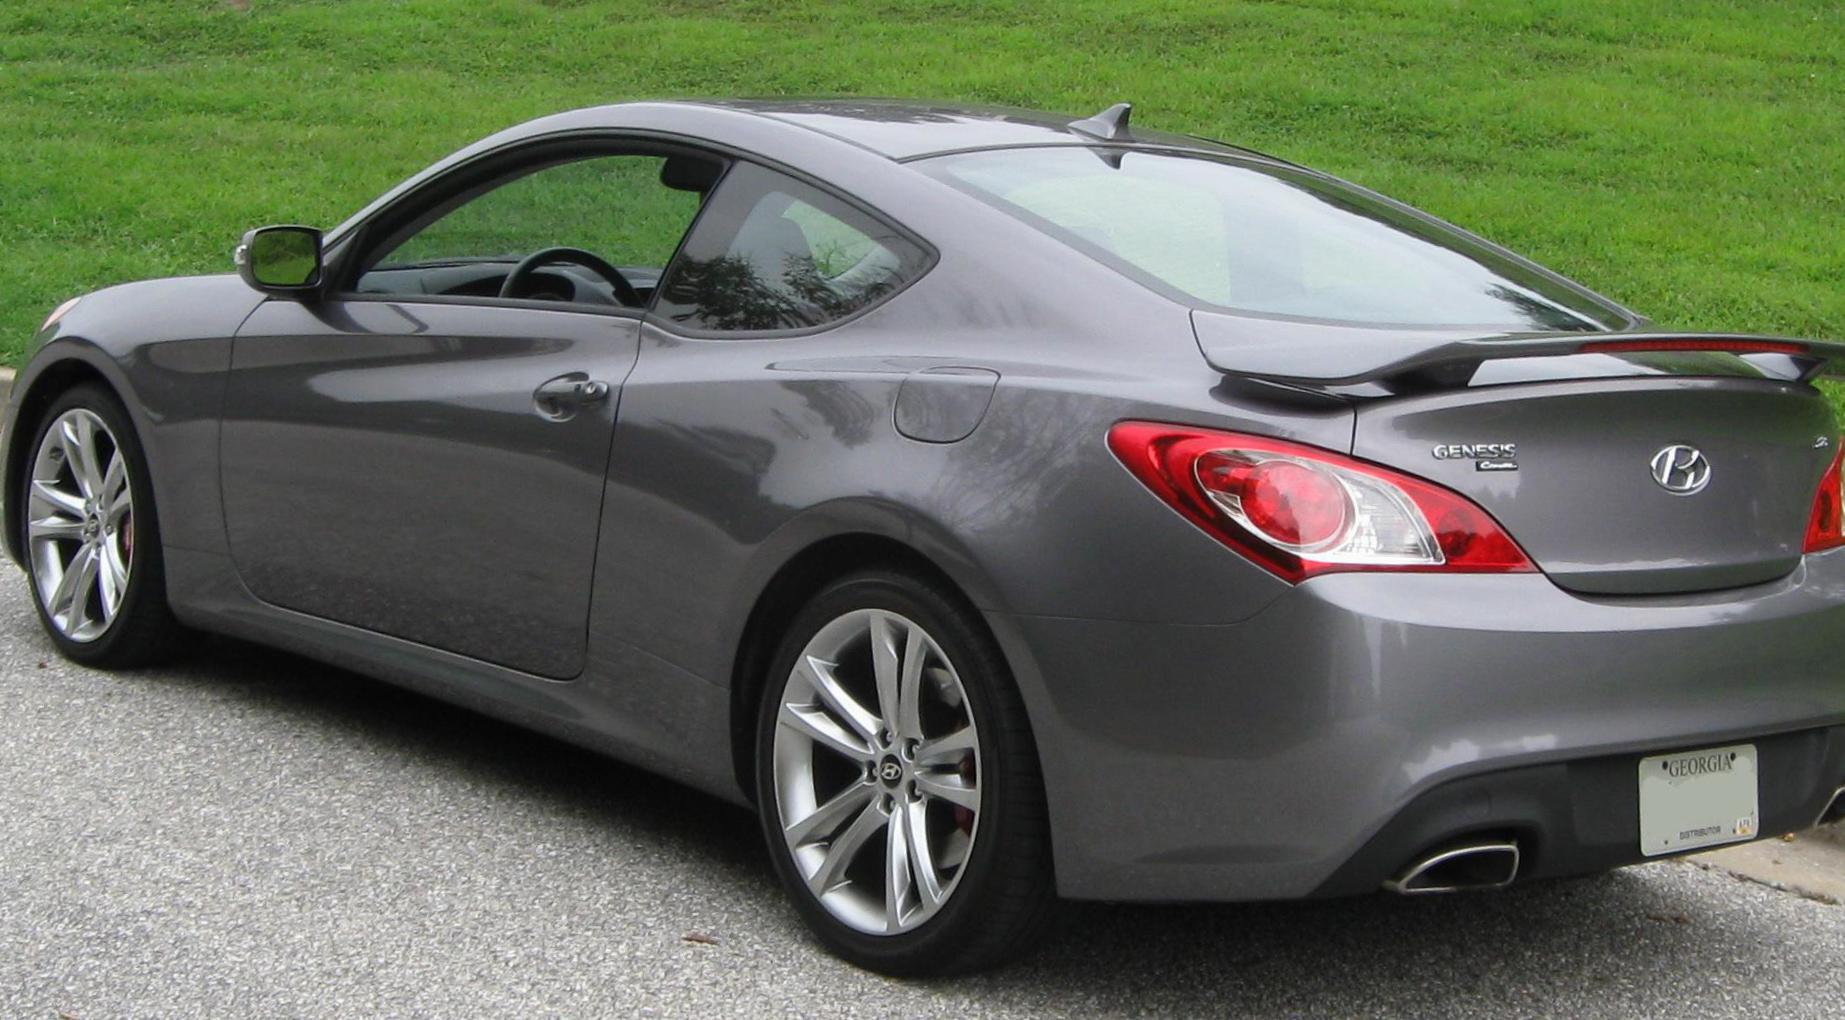 Hyundai Genesis Coupe New 2011